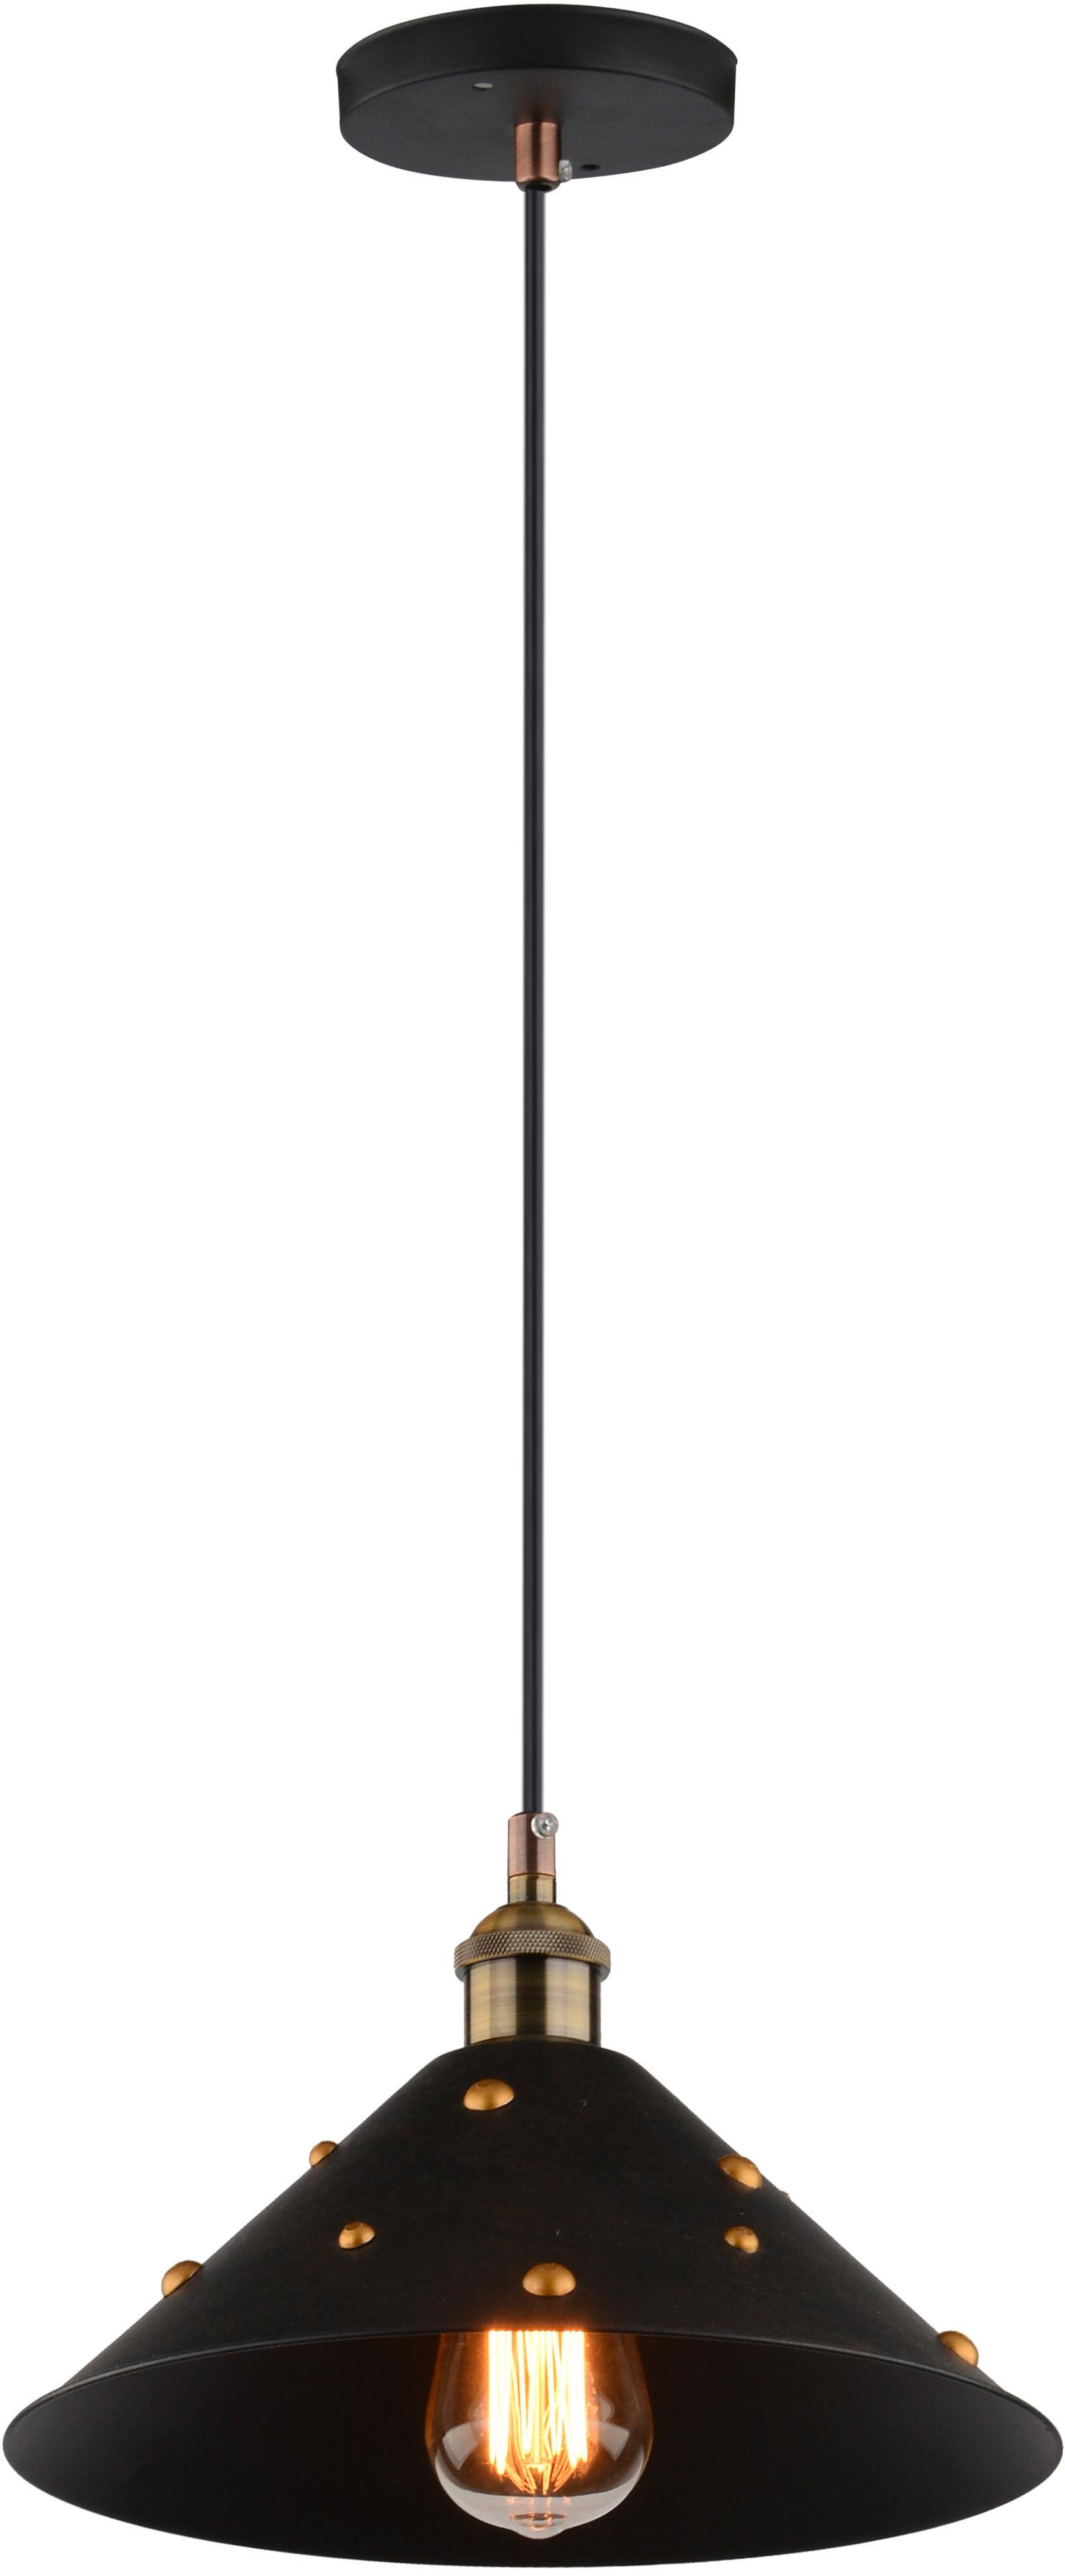 Candellux SCRIMI 31-58140 lampa wisząca czarny metalowy klosz czarny talerz 1X40W E27 29cm